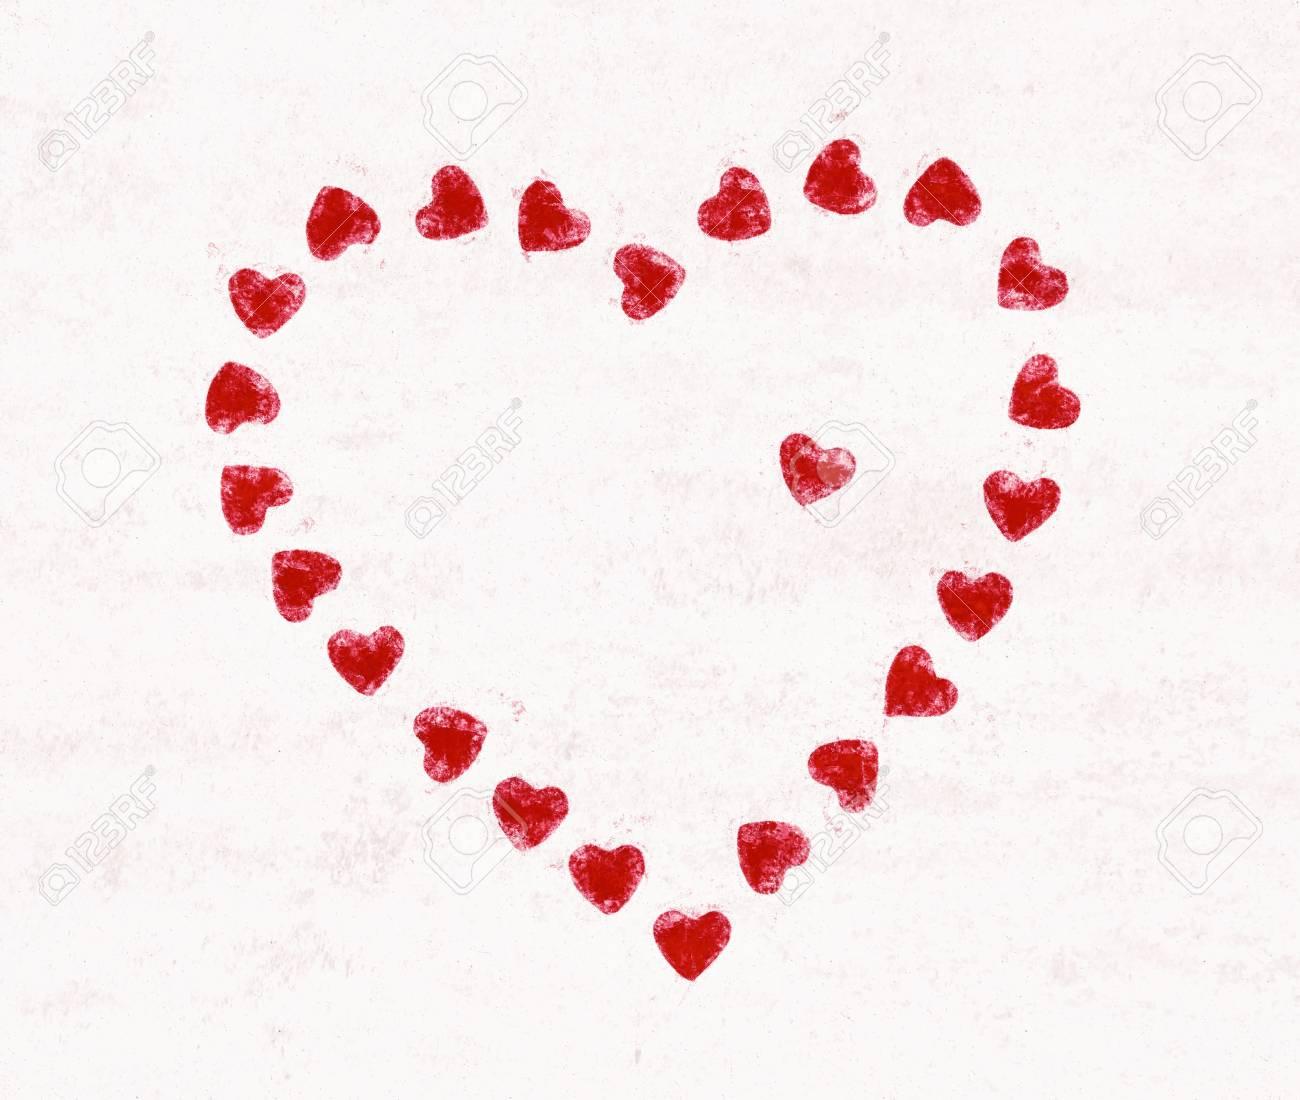 Valentinstag Herz Aus Kleinen Roten Herzen Valentinstag Symbol Der